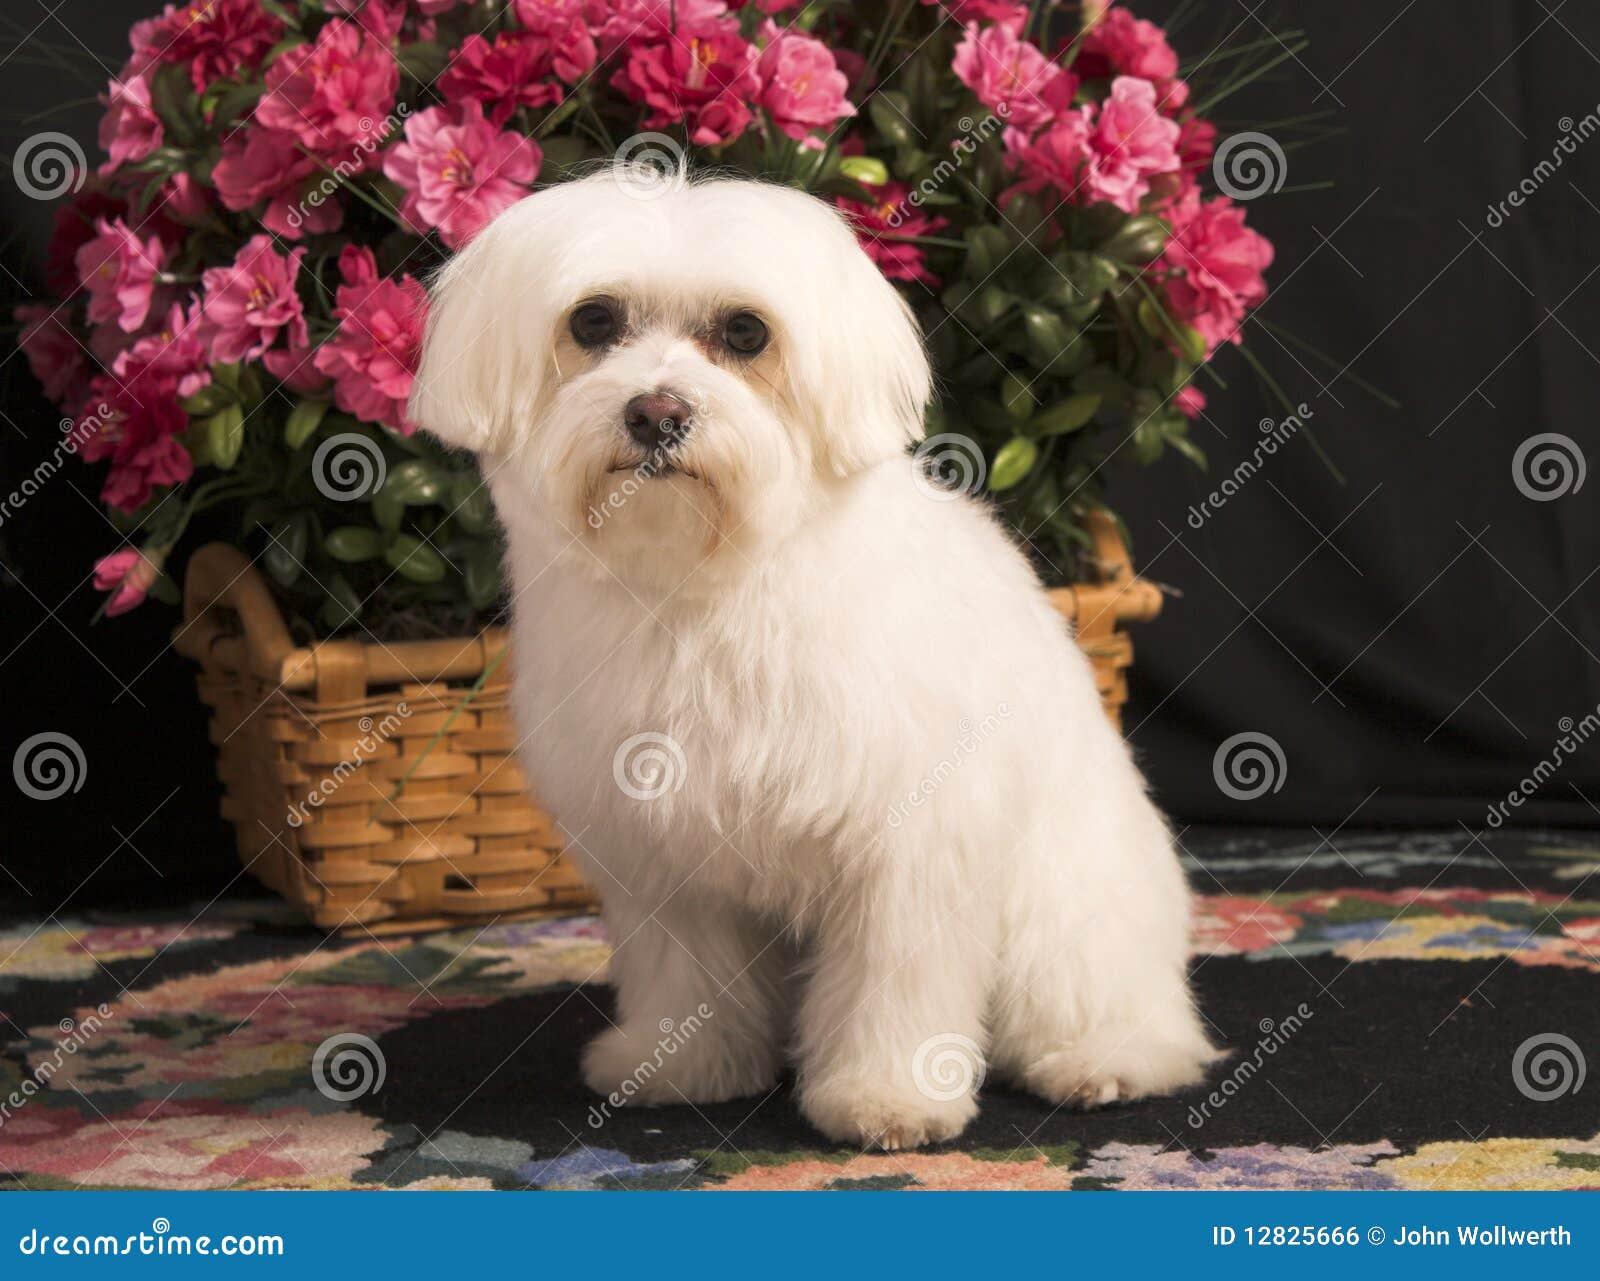 Cane maltese fotografia stock immagine di puppy razza for Cane razza maltese